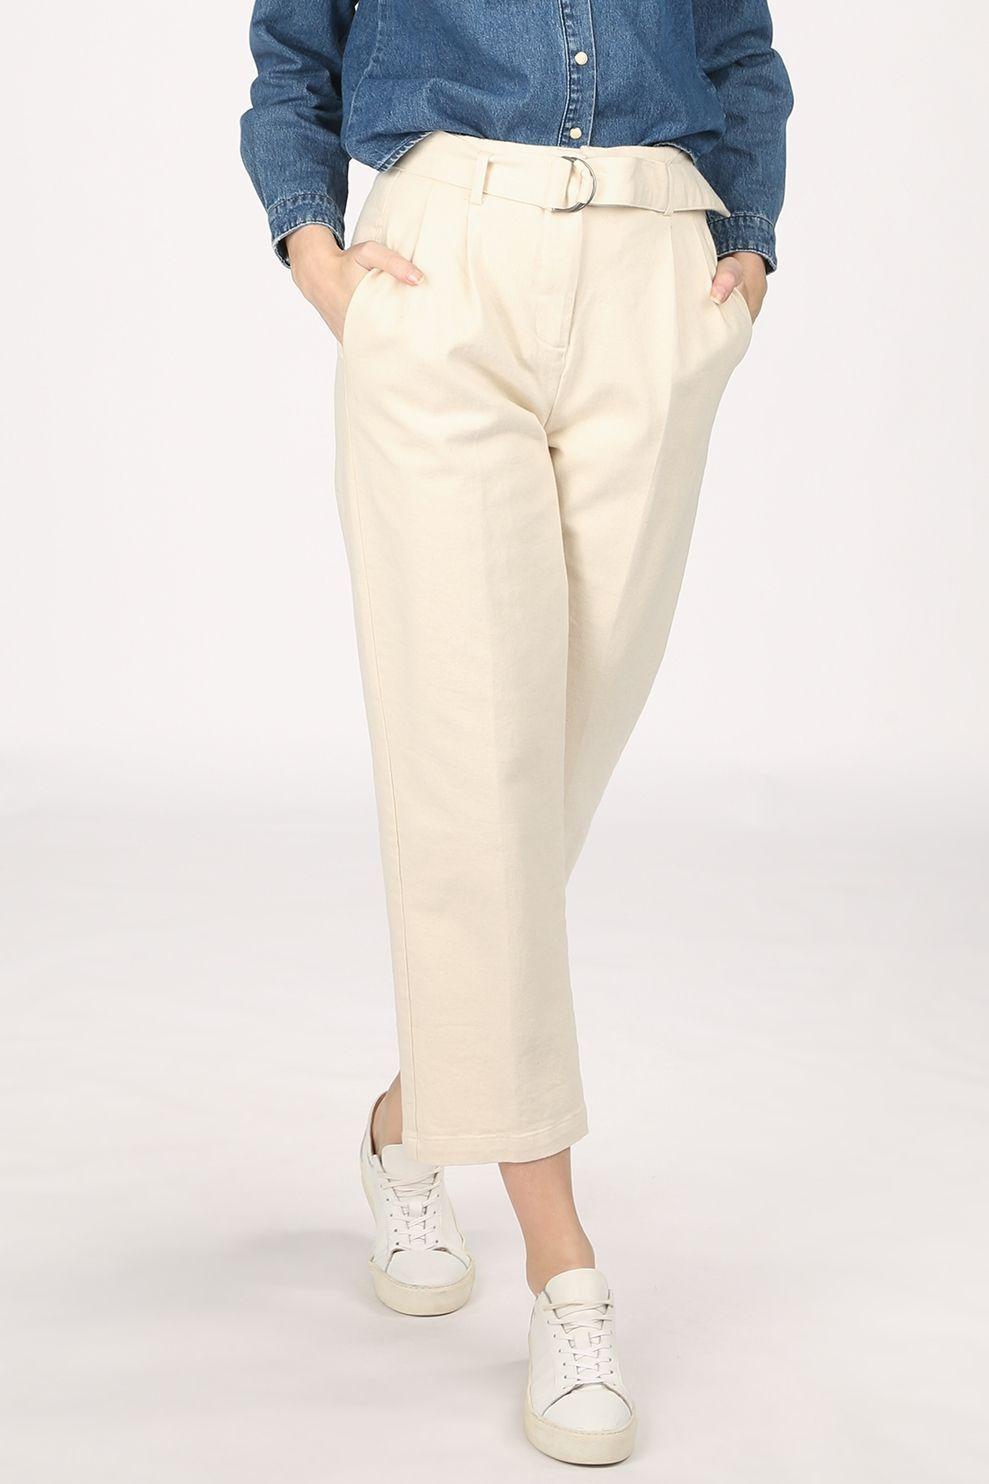 Numph Jeans Nucairos voor dames - Wit - Maten: 34, 36, 38, 40, 42